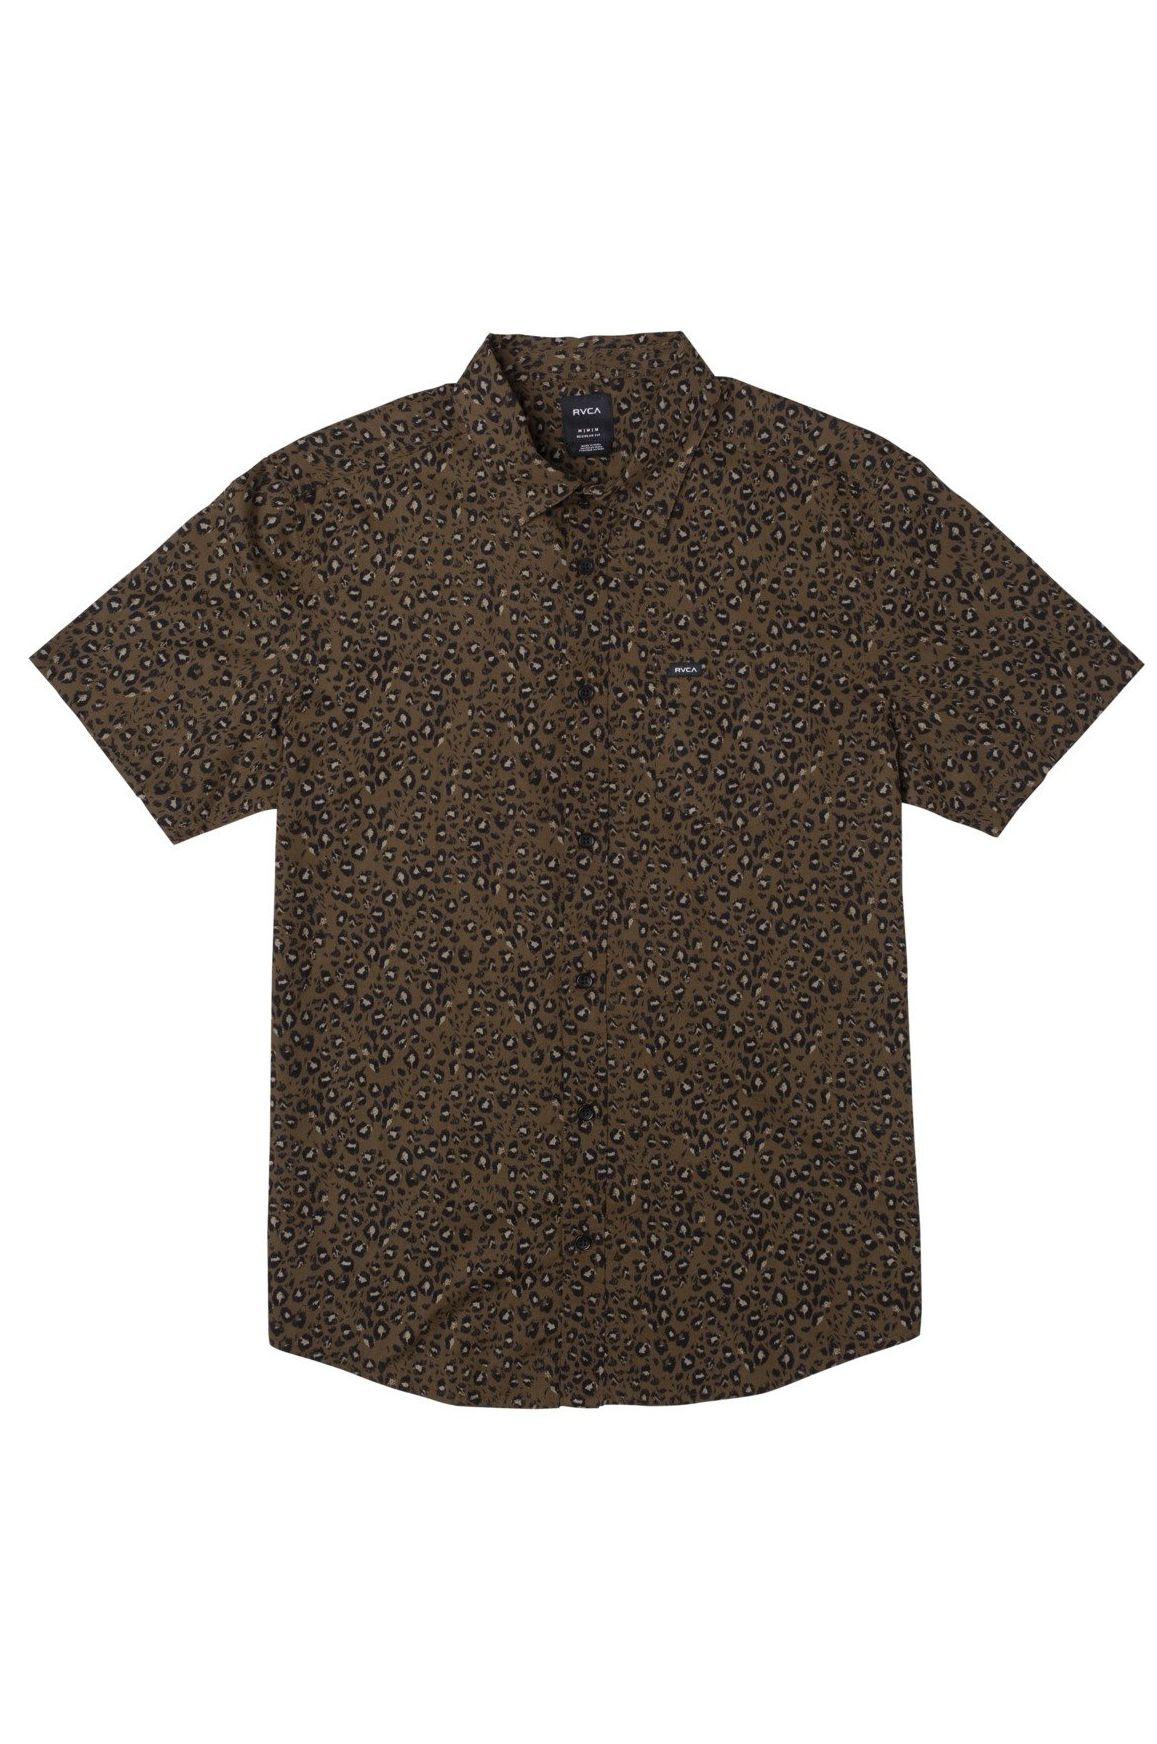 Camisa RVCA NO FUN SS Bombay Brown